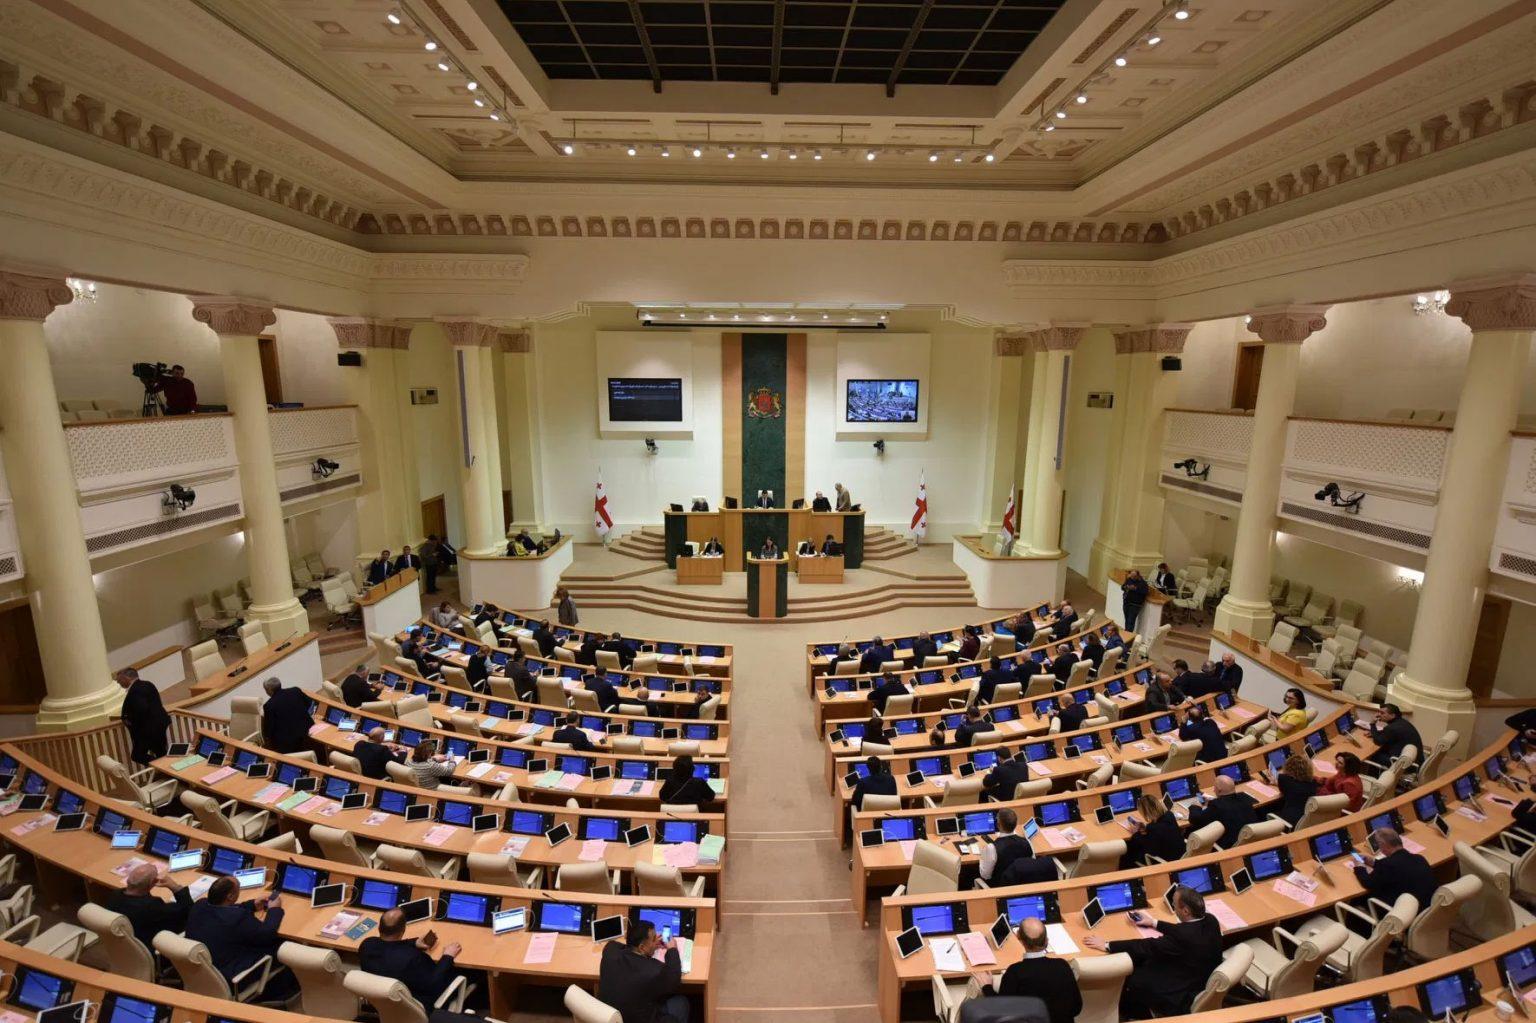 22 апреля парламент Грузии проголосует по вопросу о продлении режима ЧП8